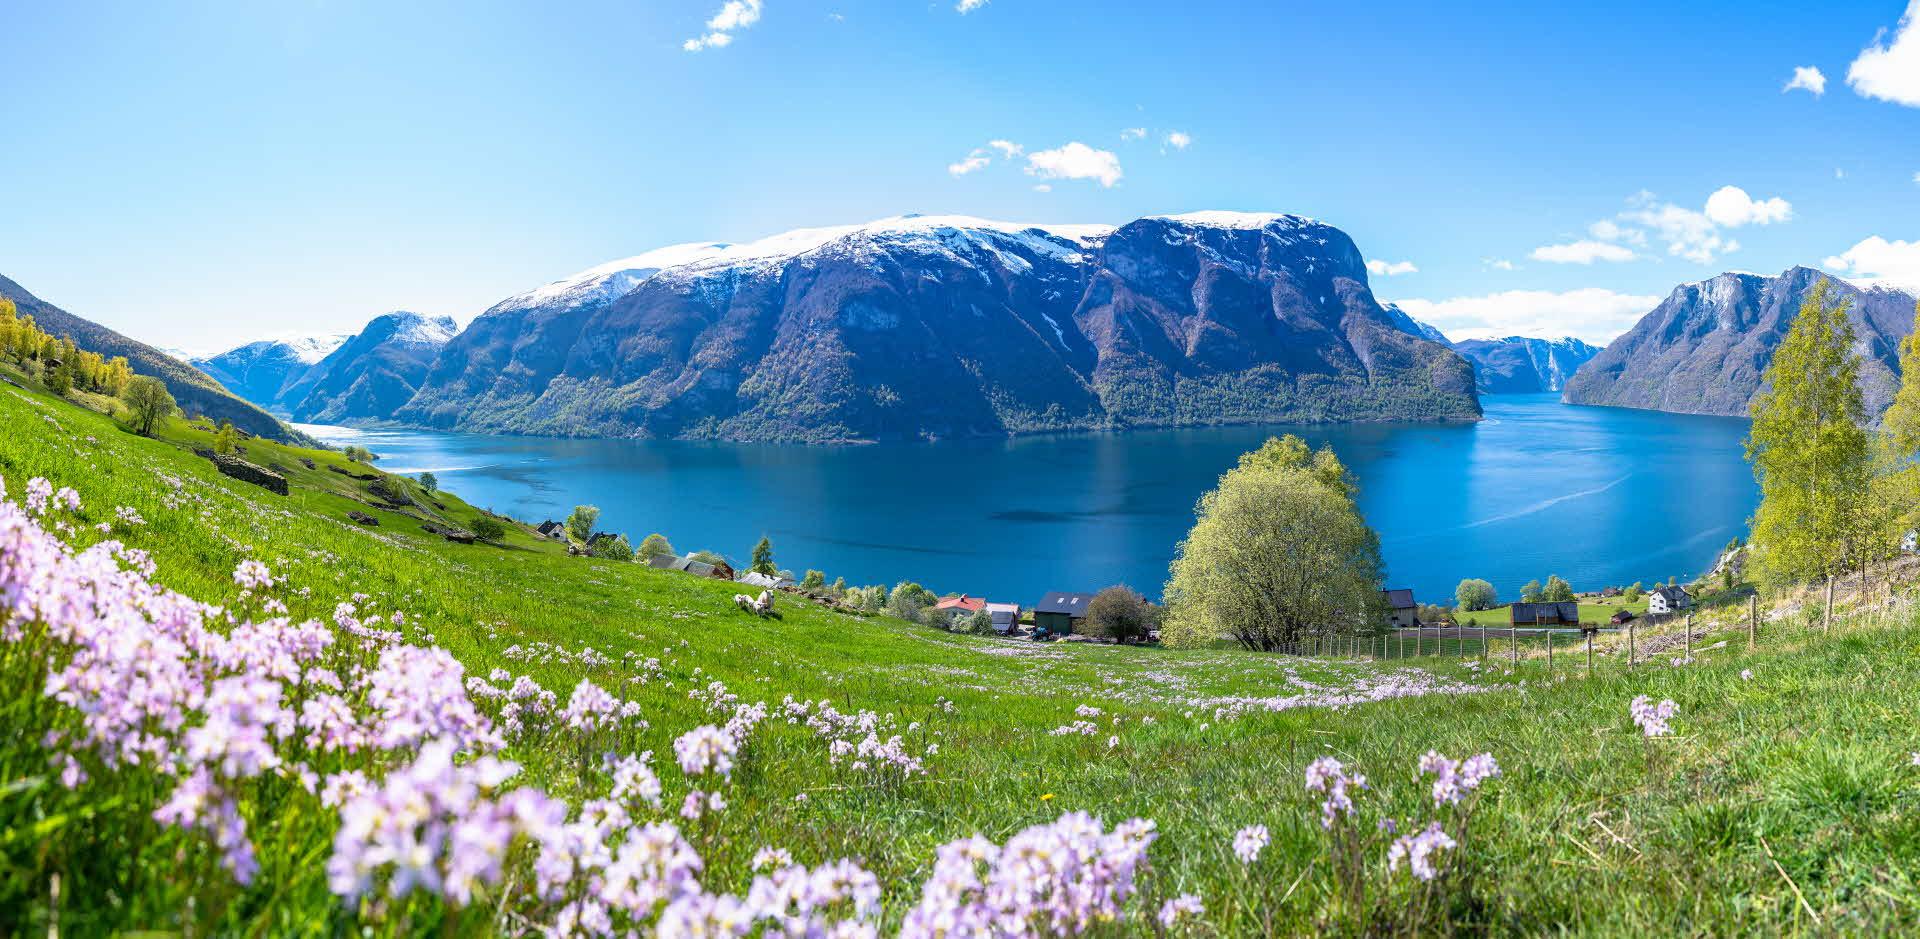 Panorama av grønne og blomstrende gårdsenger med sauer i Aurland med utsikt over UNESCOs verneverdige Aurlandsfjord i Norge